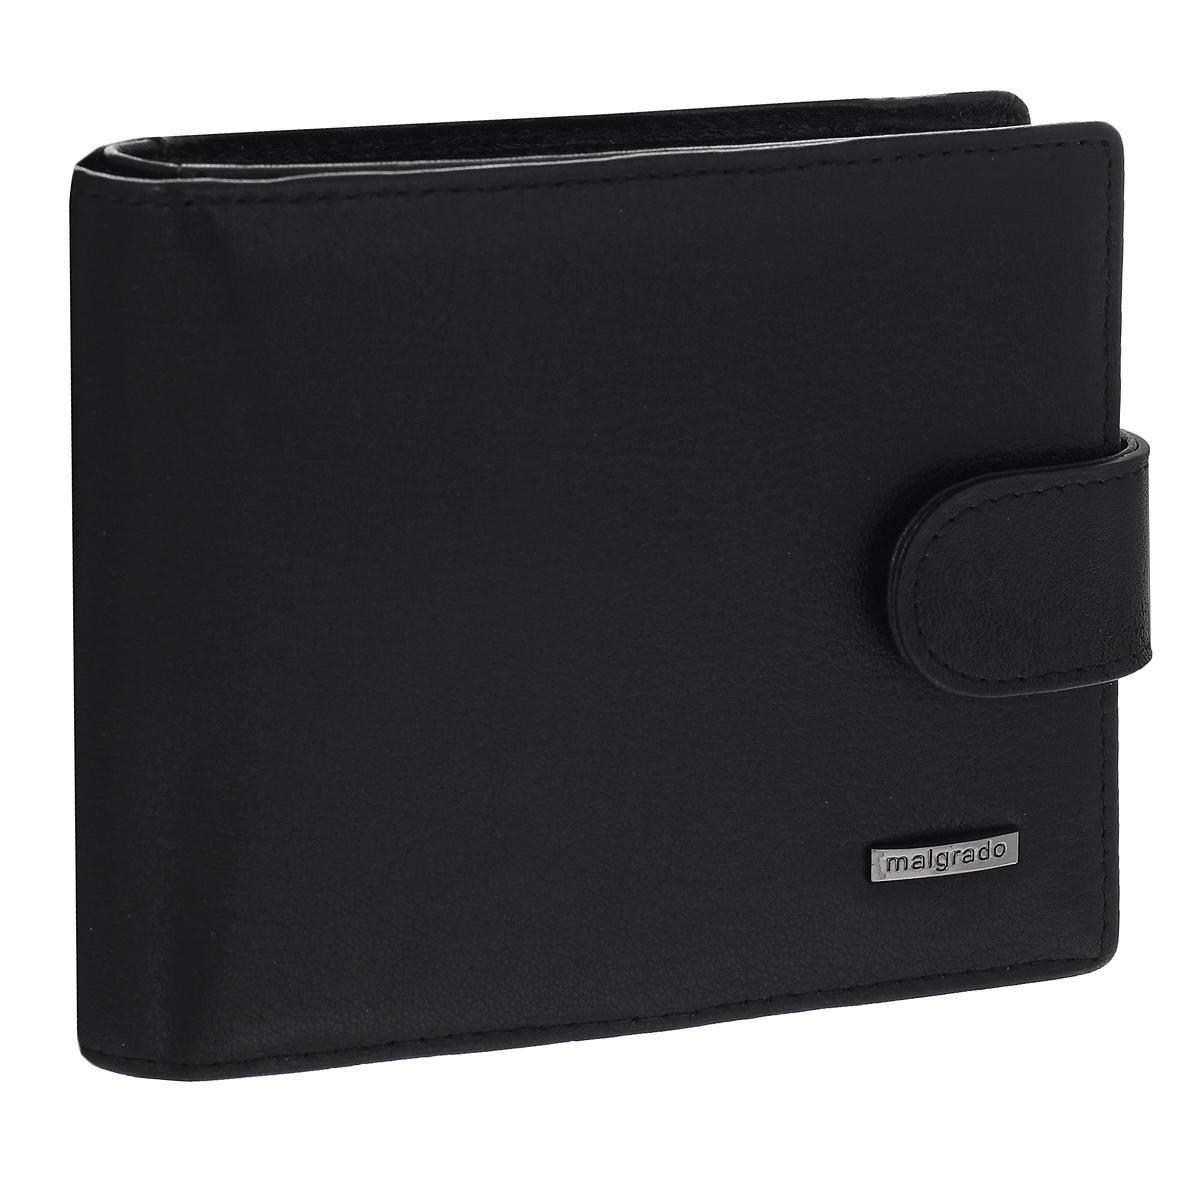 """Портмоне мужское Malgrado, цвет: черный. 35023-55D35023-55D Black Портмоне MalgradoУниверсальное портмоне Malgrado изготовлено из натуральной матовой кожи. Внутри содержит два отделения для купюр, одно из которых на молнии, три потайных кармашка, отсек для мелочи на кнопке, карман с прозрачным """"окошком"""" для пропуска или фотографии, шесть наборных кармашков для кредитных карт. Закрывается портмоне хлястиком на кнопку. Благодаря насыщенному цвету и лаконичному дизайну, такое портмоне подойдет любителям классических аксессуаров."""